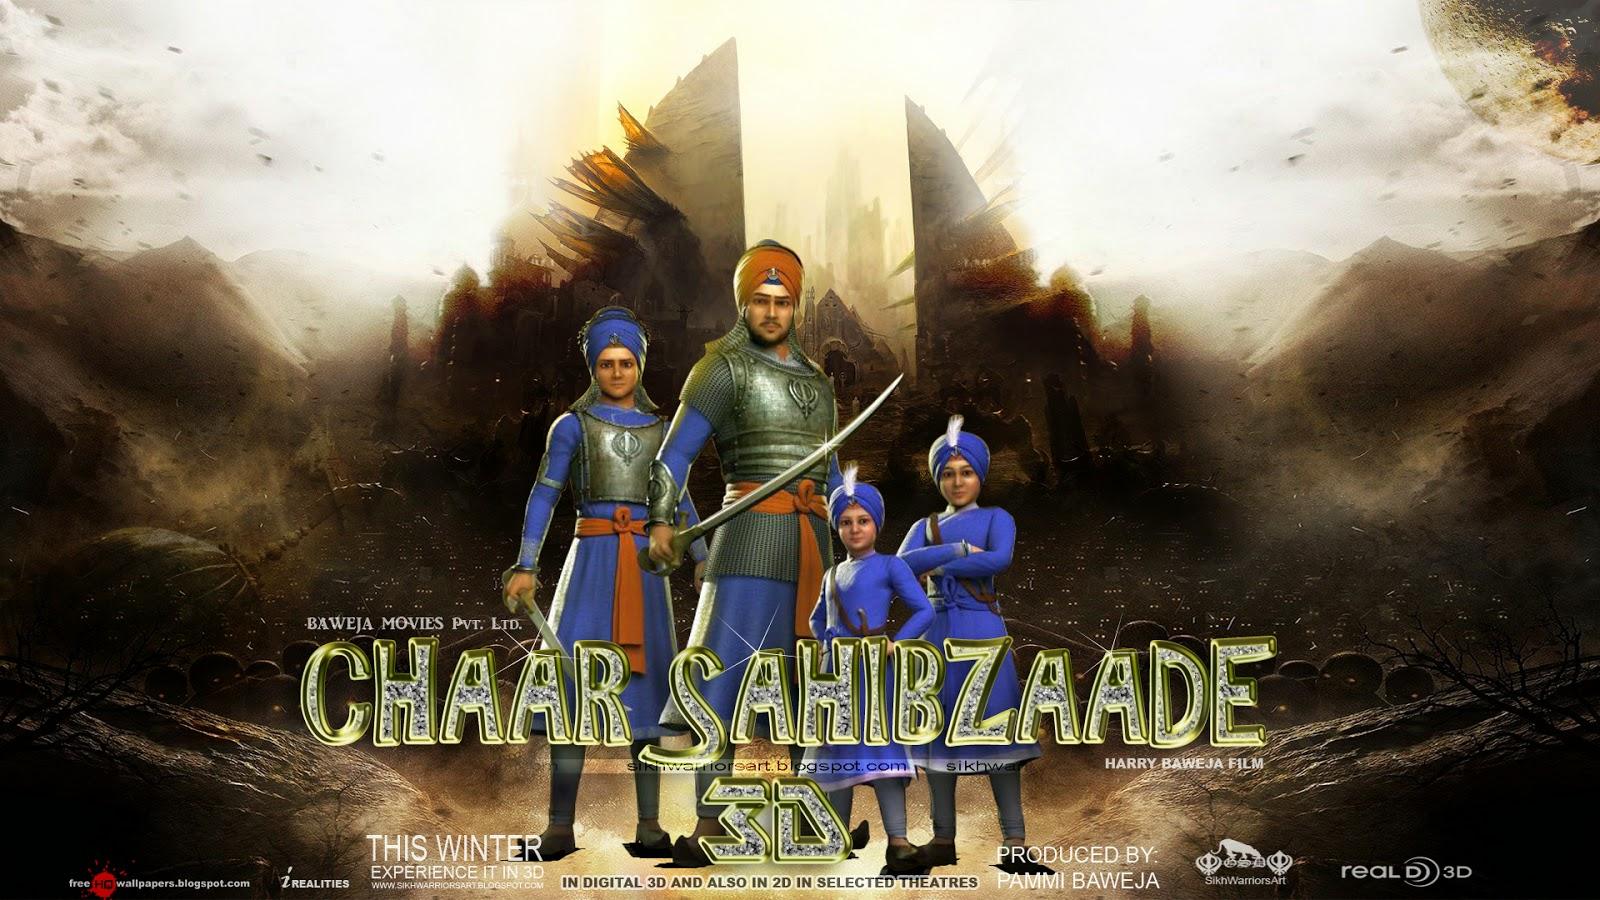 Khanda 3d Wallpapers Sikh Warriors Chaar Sahibzaade 3d Hd Movie Wallpapers